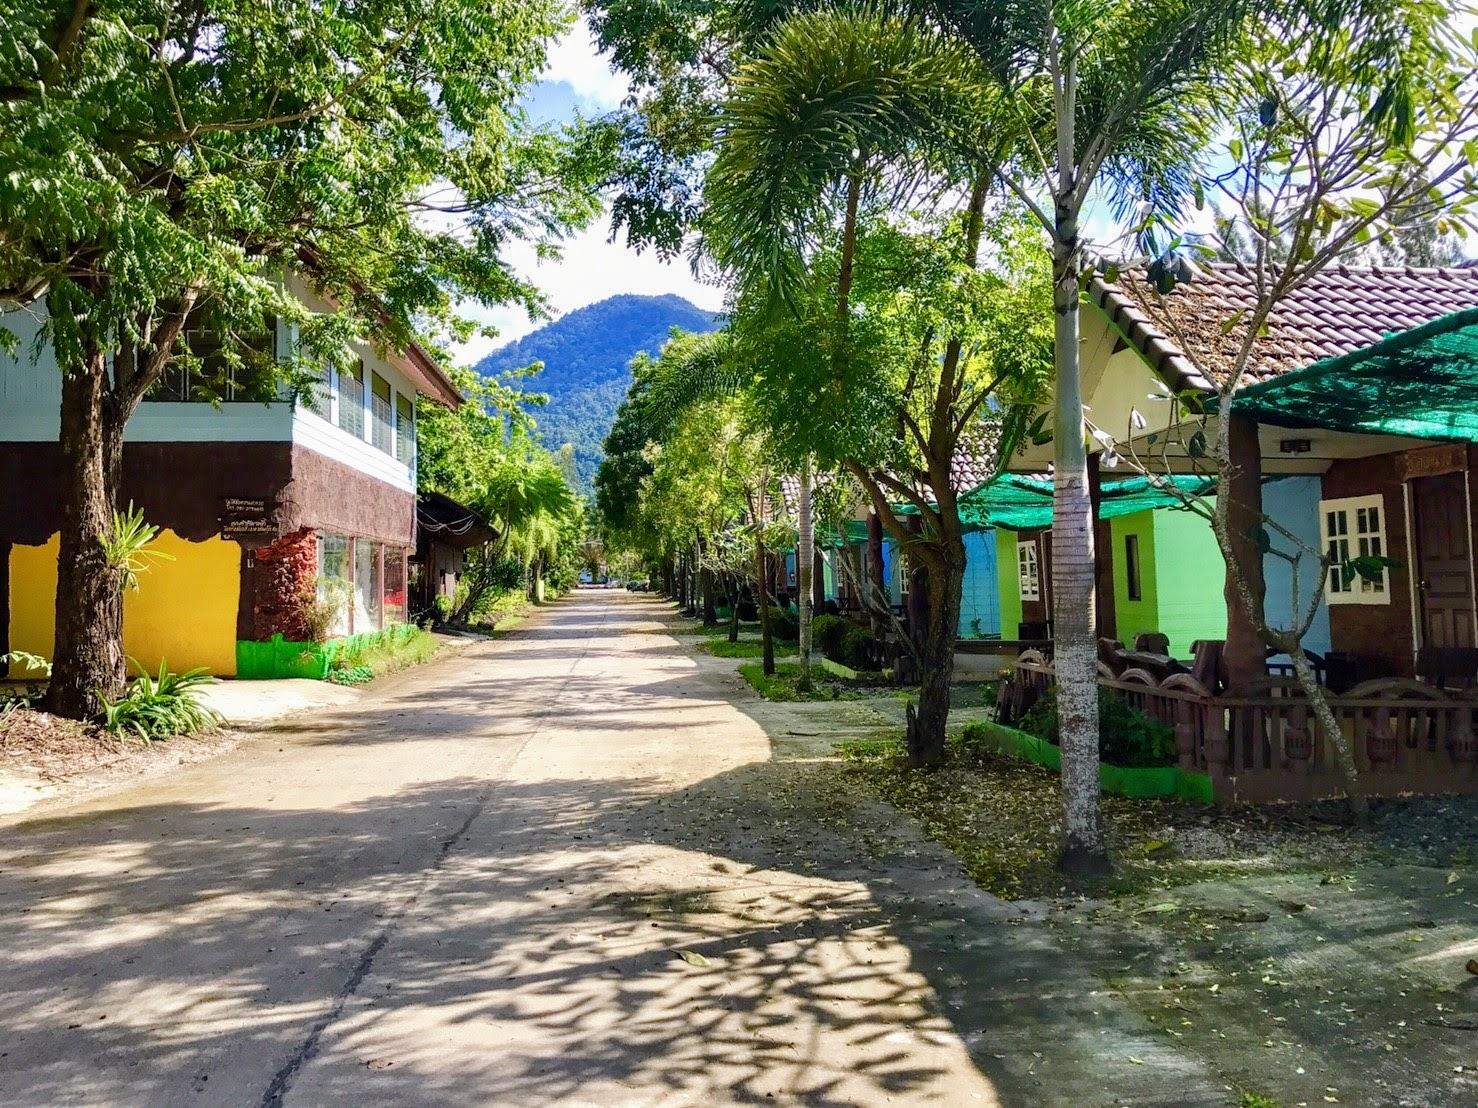 Эко-отель лодж в национальном парке в тайской провинции Сакэу